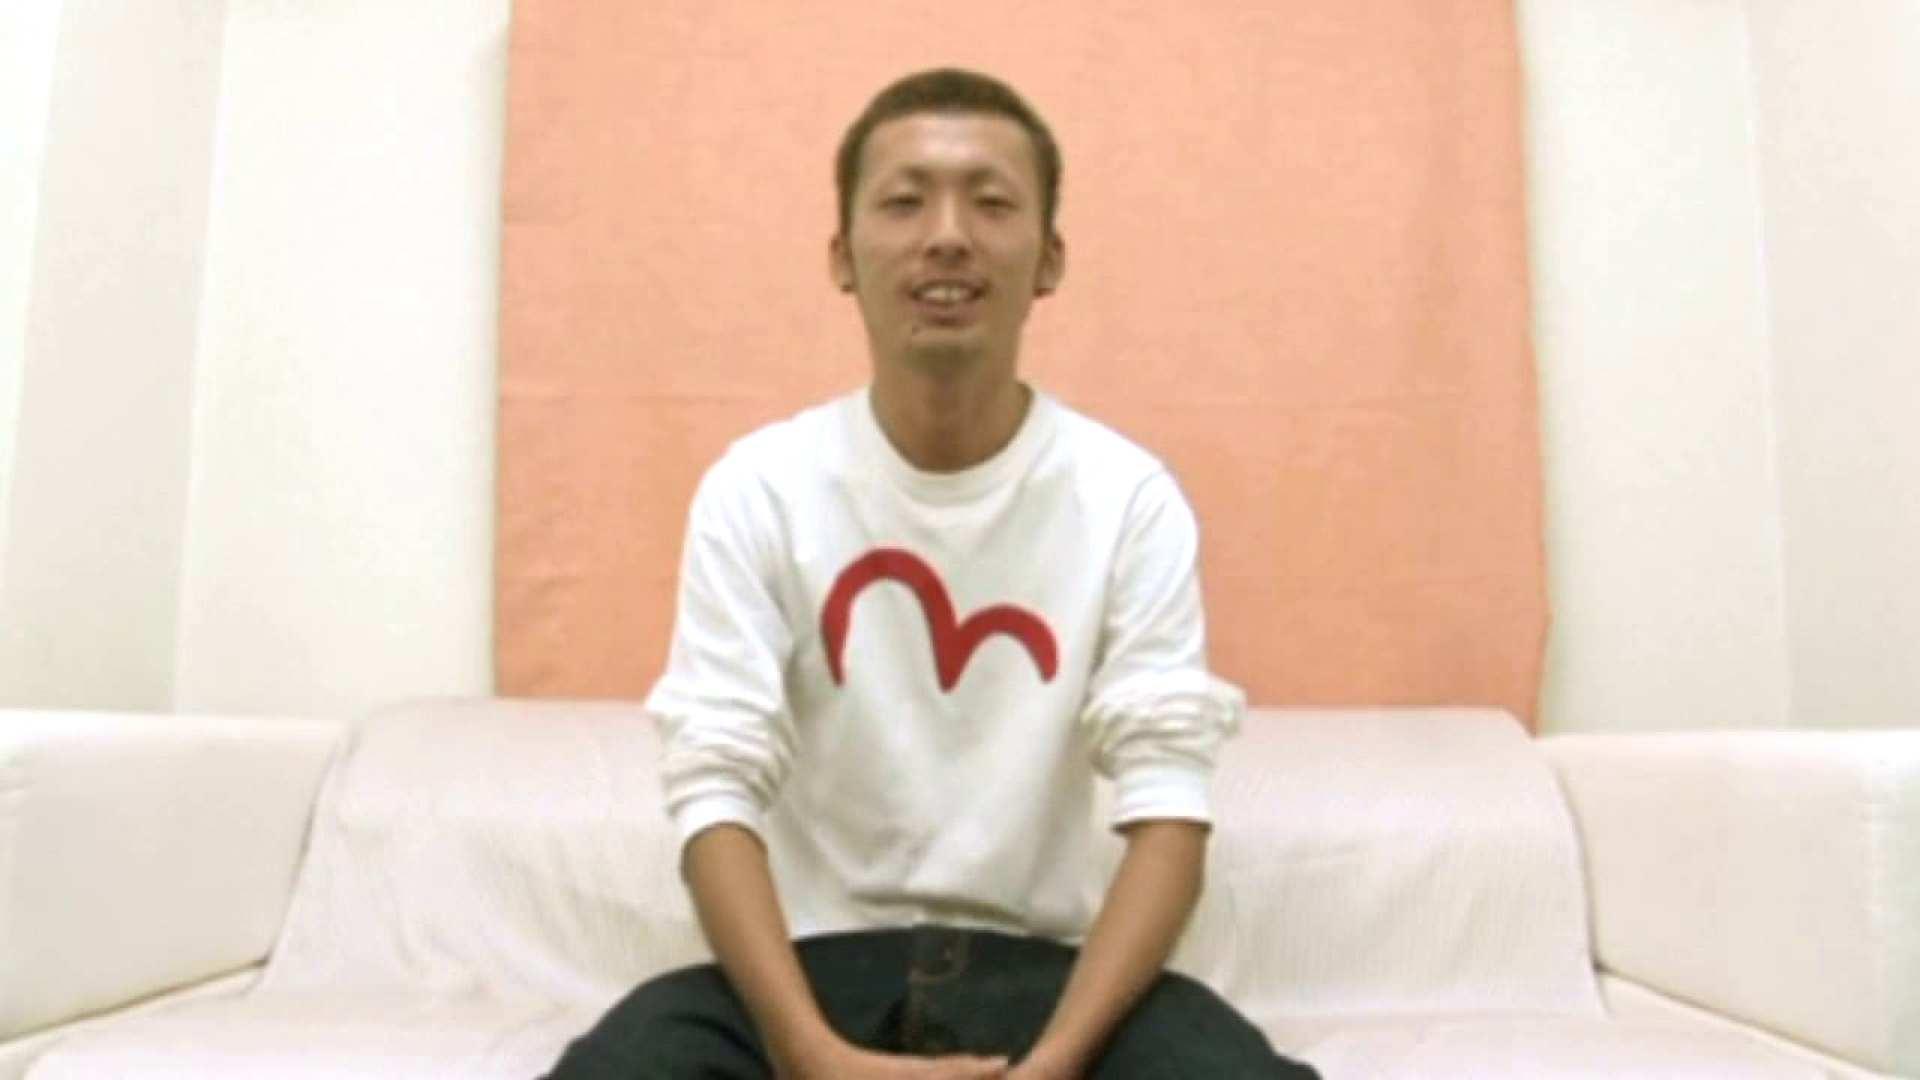 ノンケ!自慰スタジオ No.11 オナニー アダルトビデオ画像キャプチャ 88枚 2